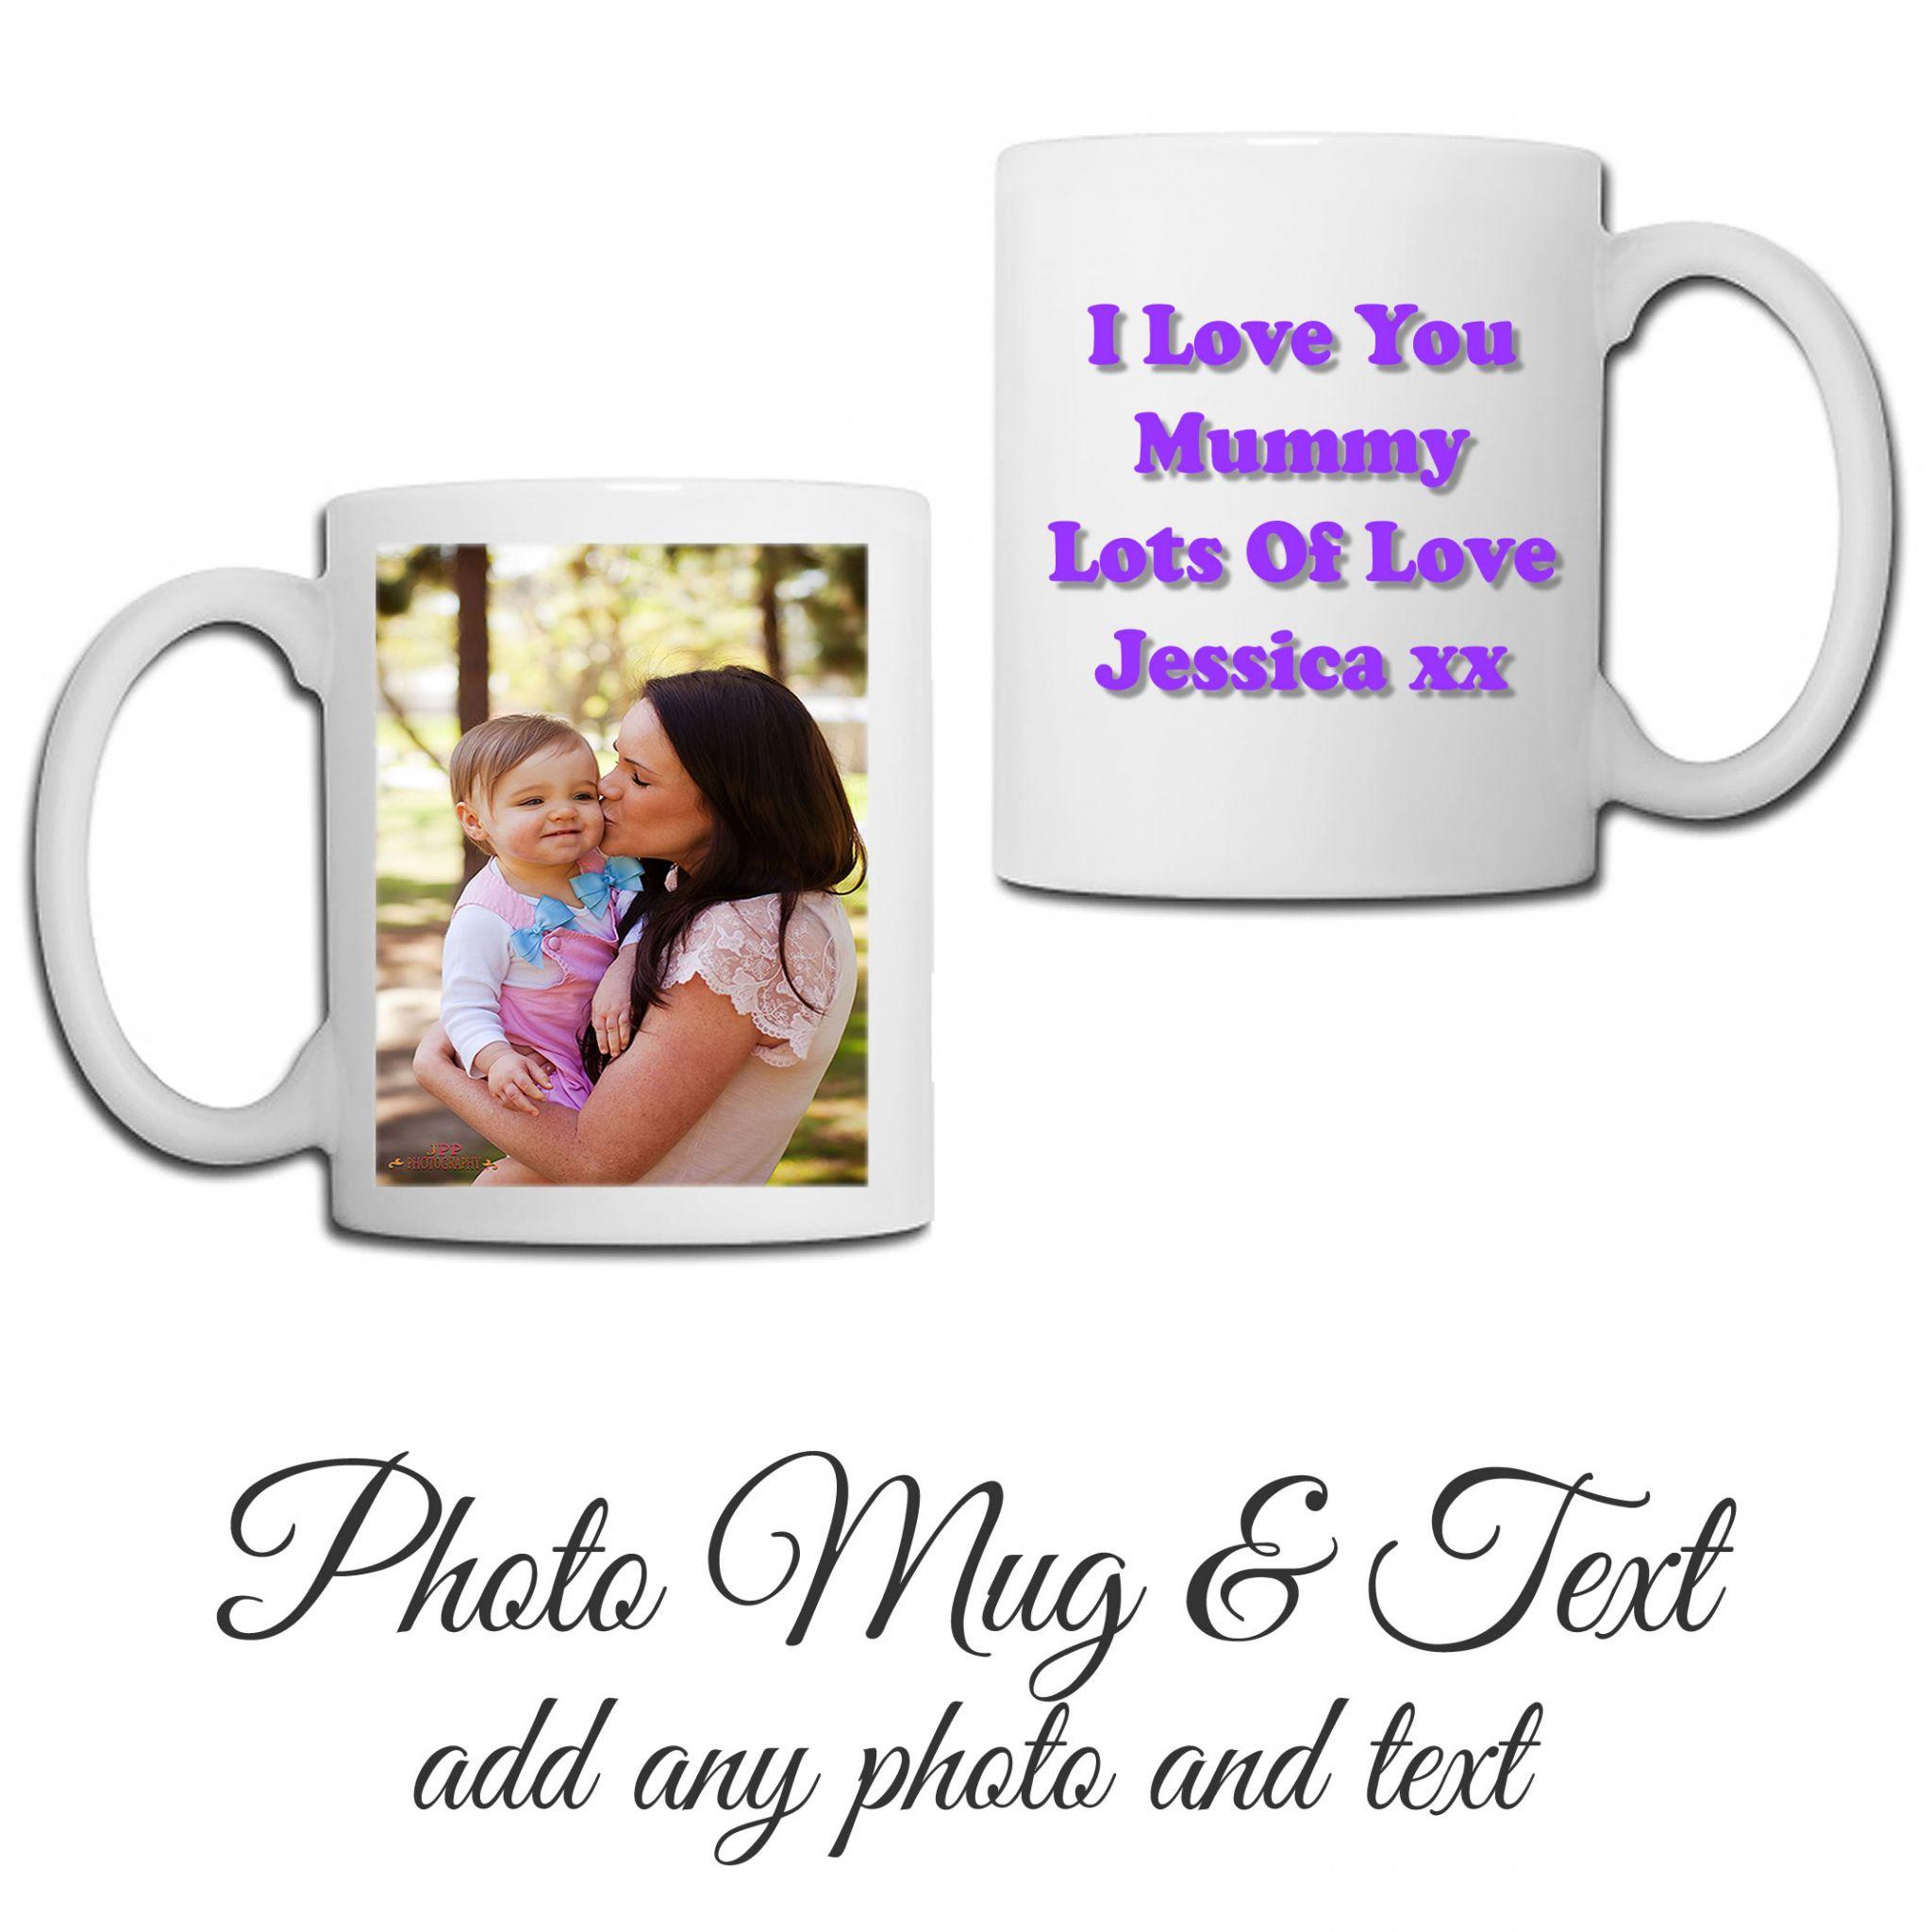 Photo Mugs & Coasters